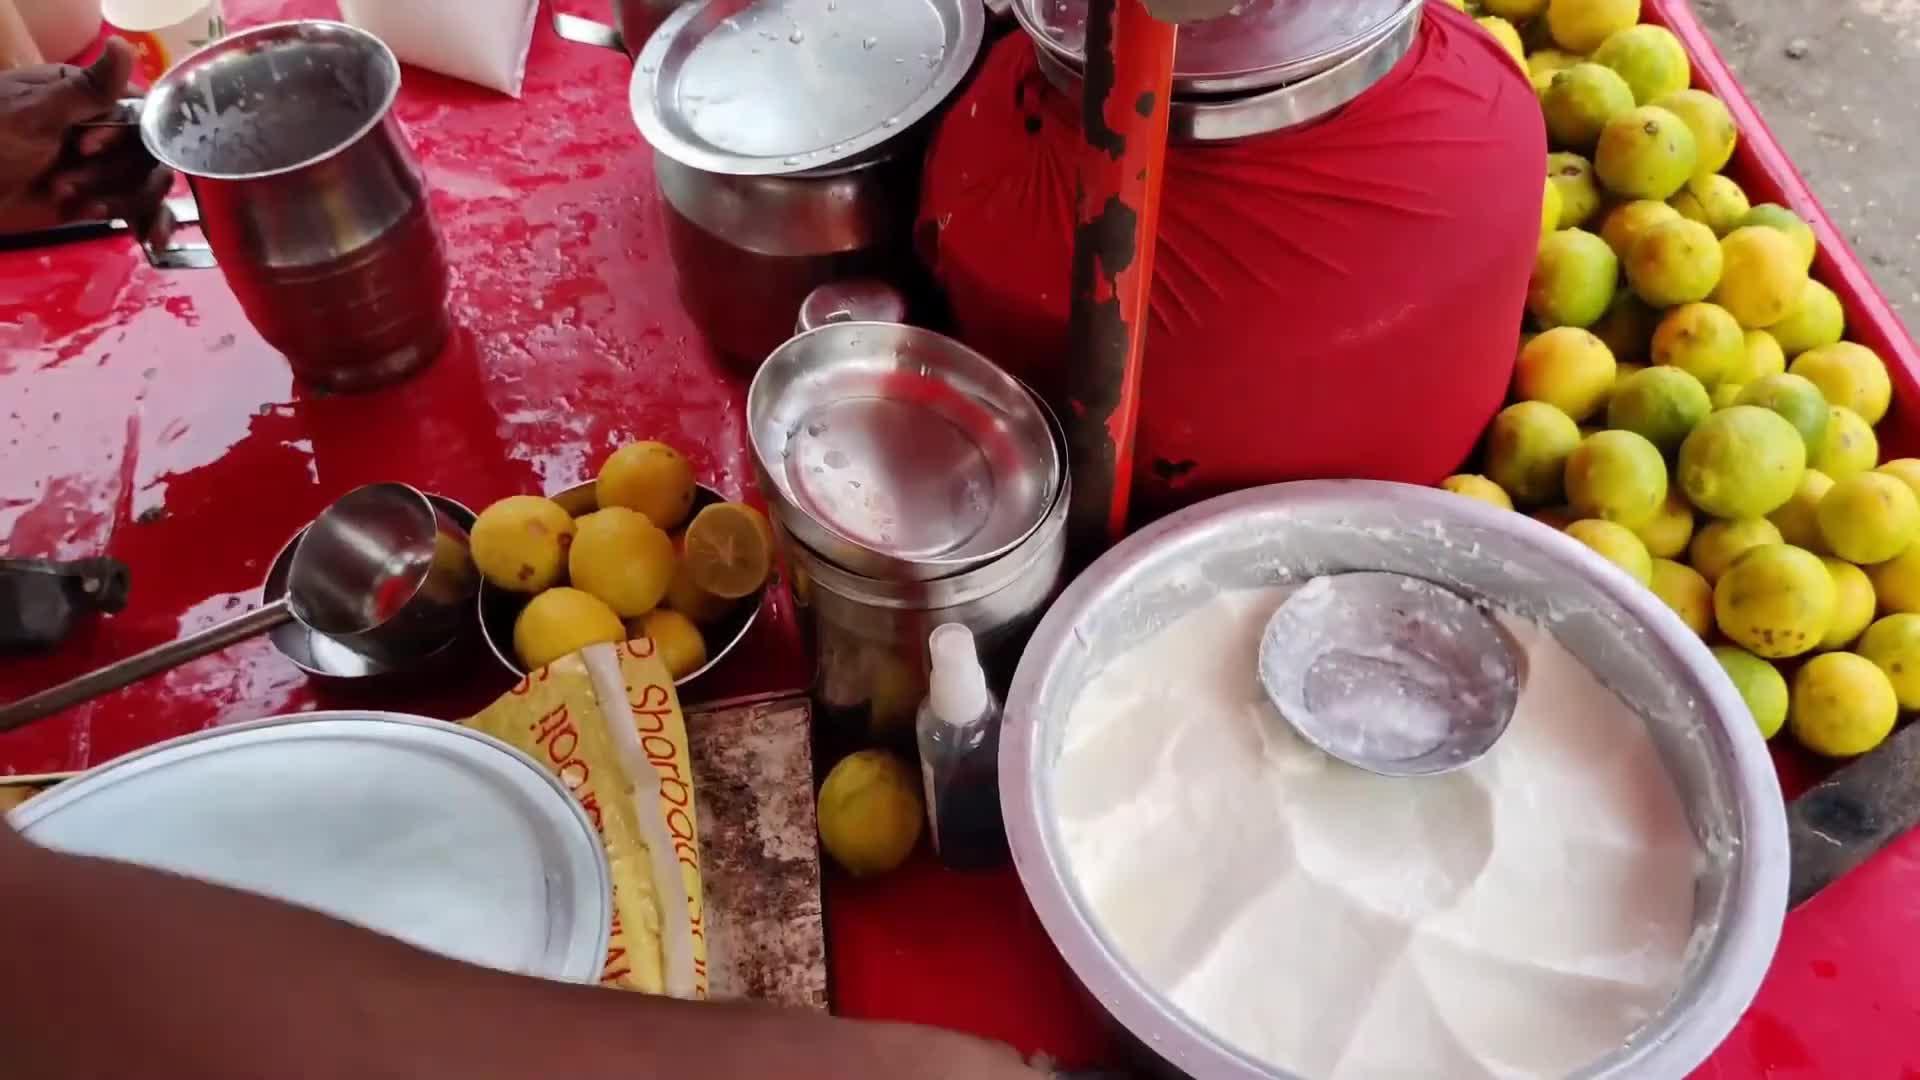 印度街头的奇葩奶制品,放入桶里用棍子搅一搅,看着就没啥食欲!